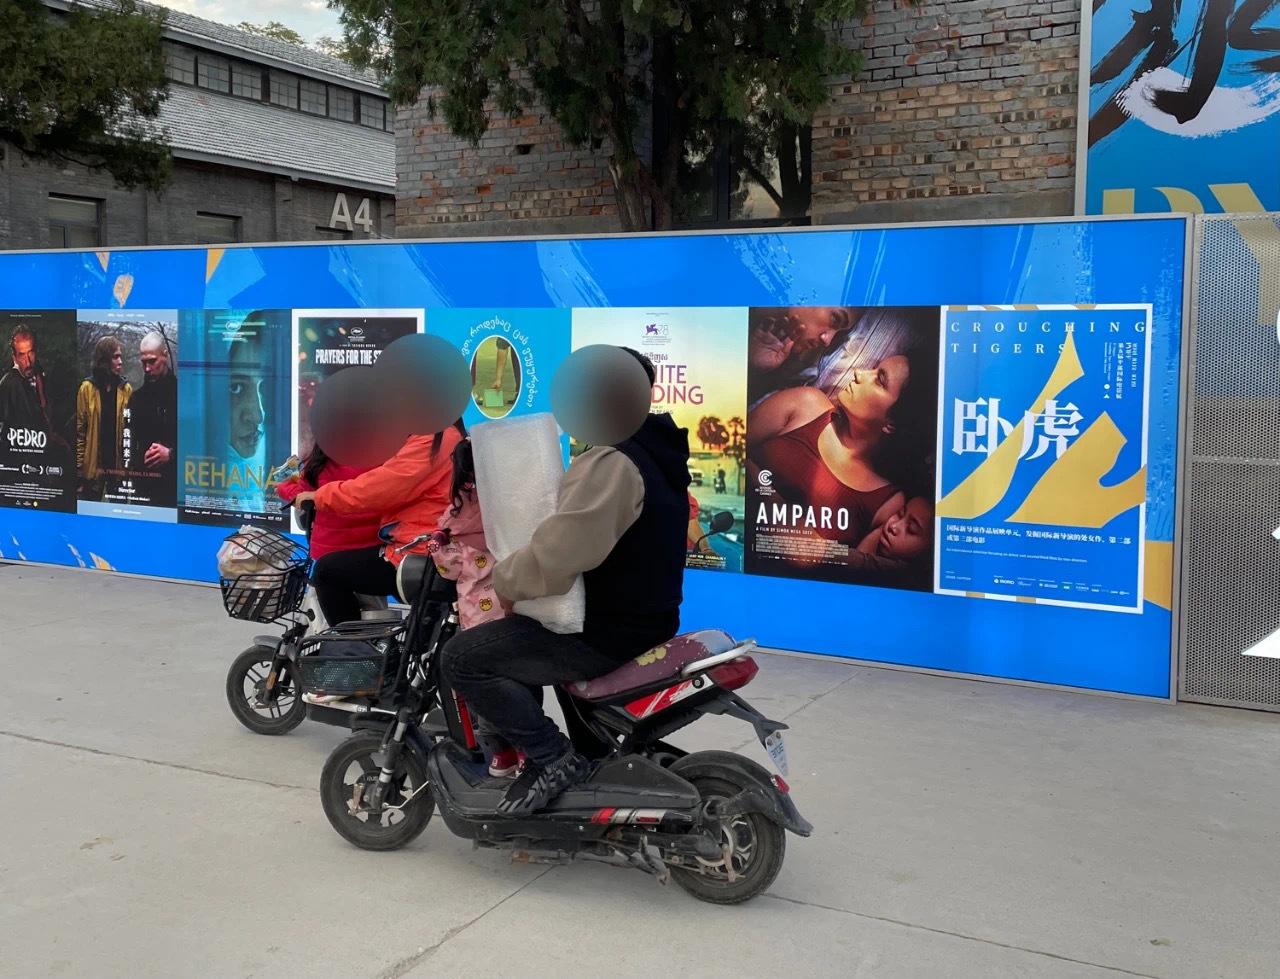 平遥影展开幕:贾樟柯存在感降低,影展依旧艰辛